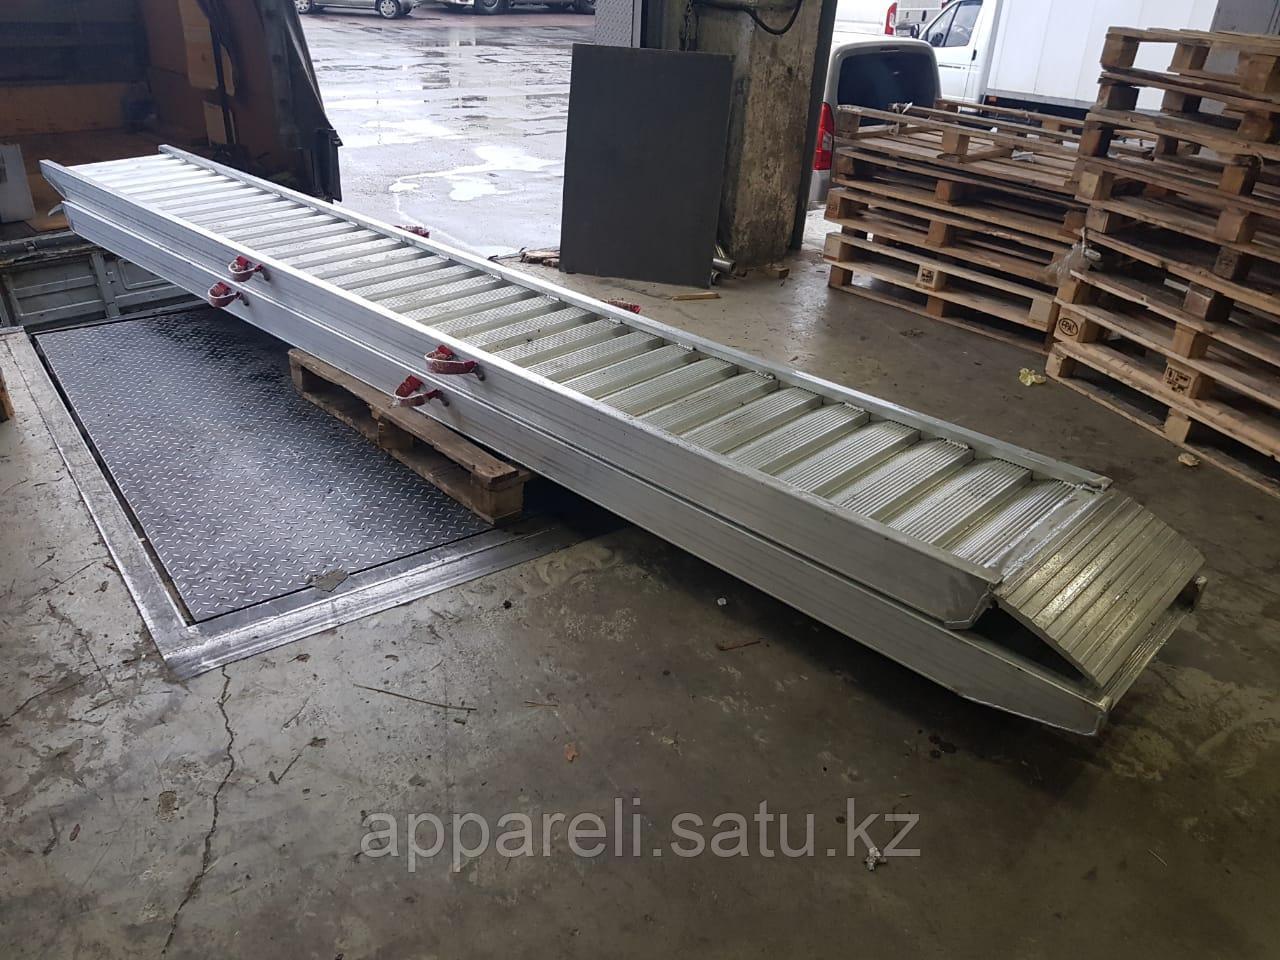 Сходни для заезда алюминиевые 7500 кг